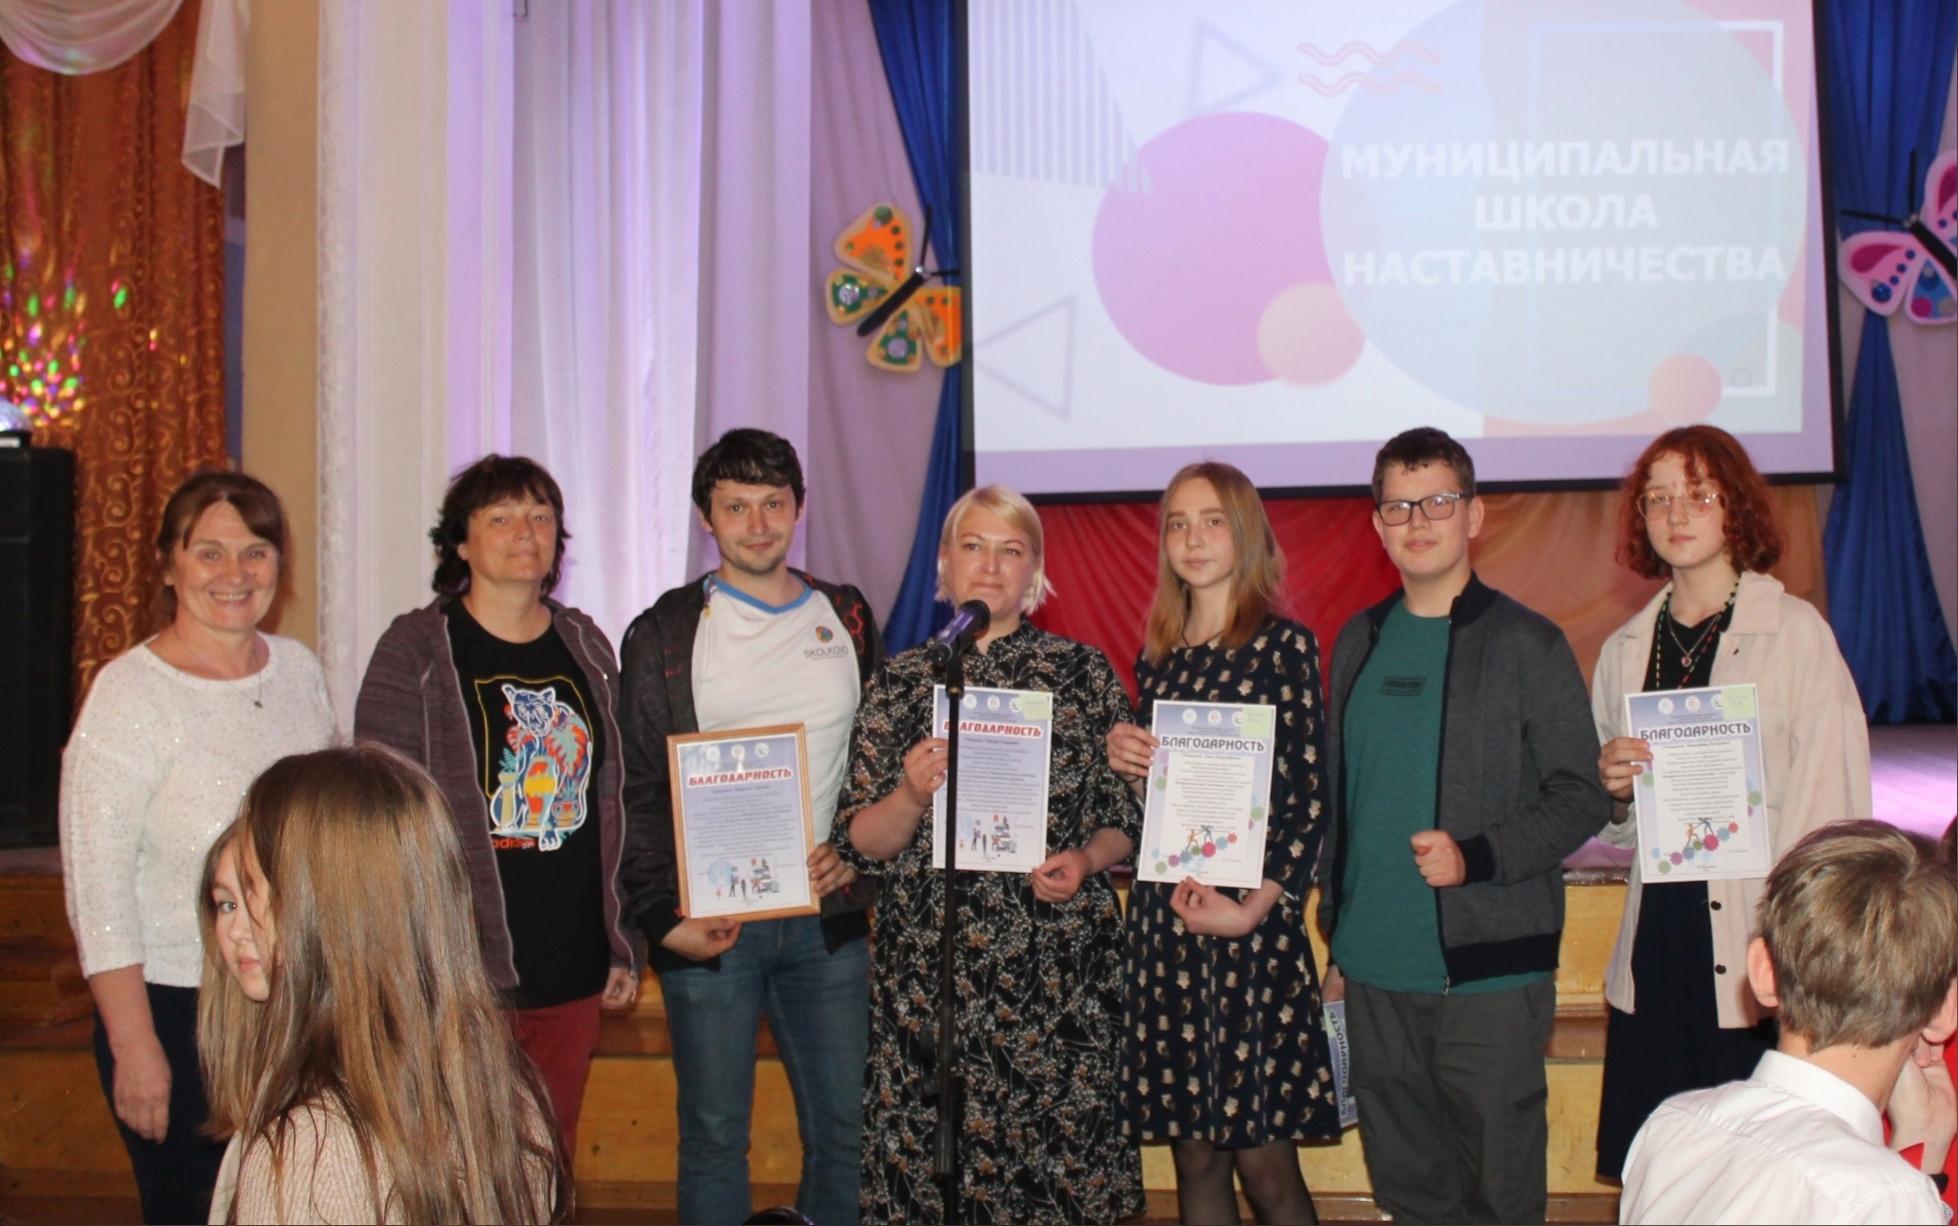 Дворец творчества Сыктывкара наградил самых активных участников проектов